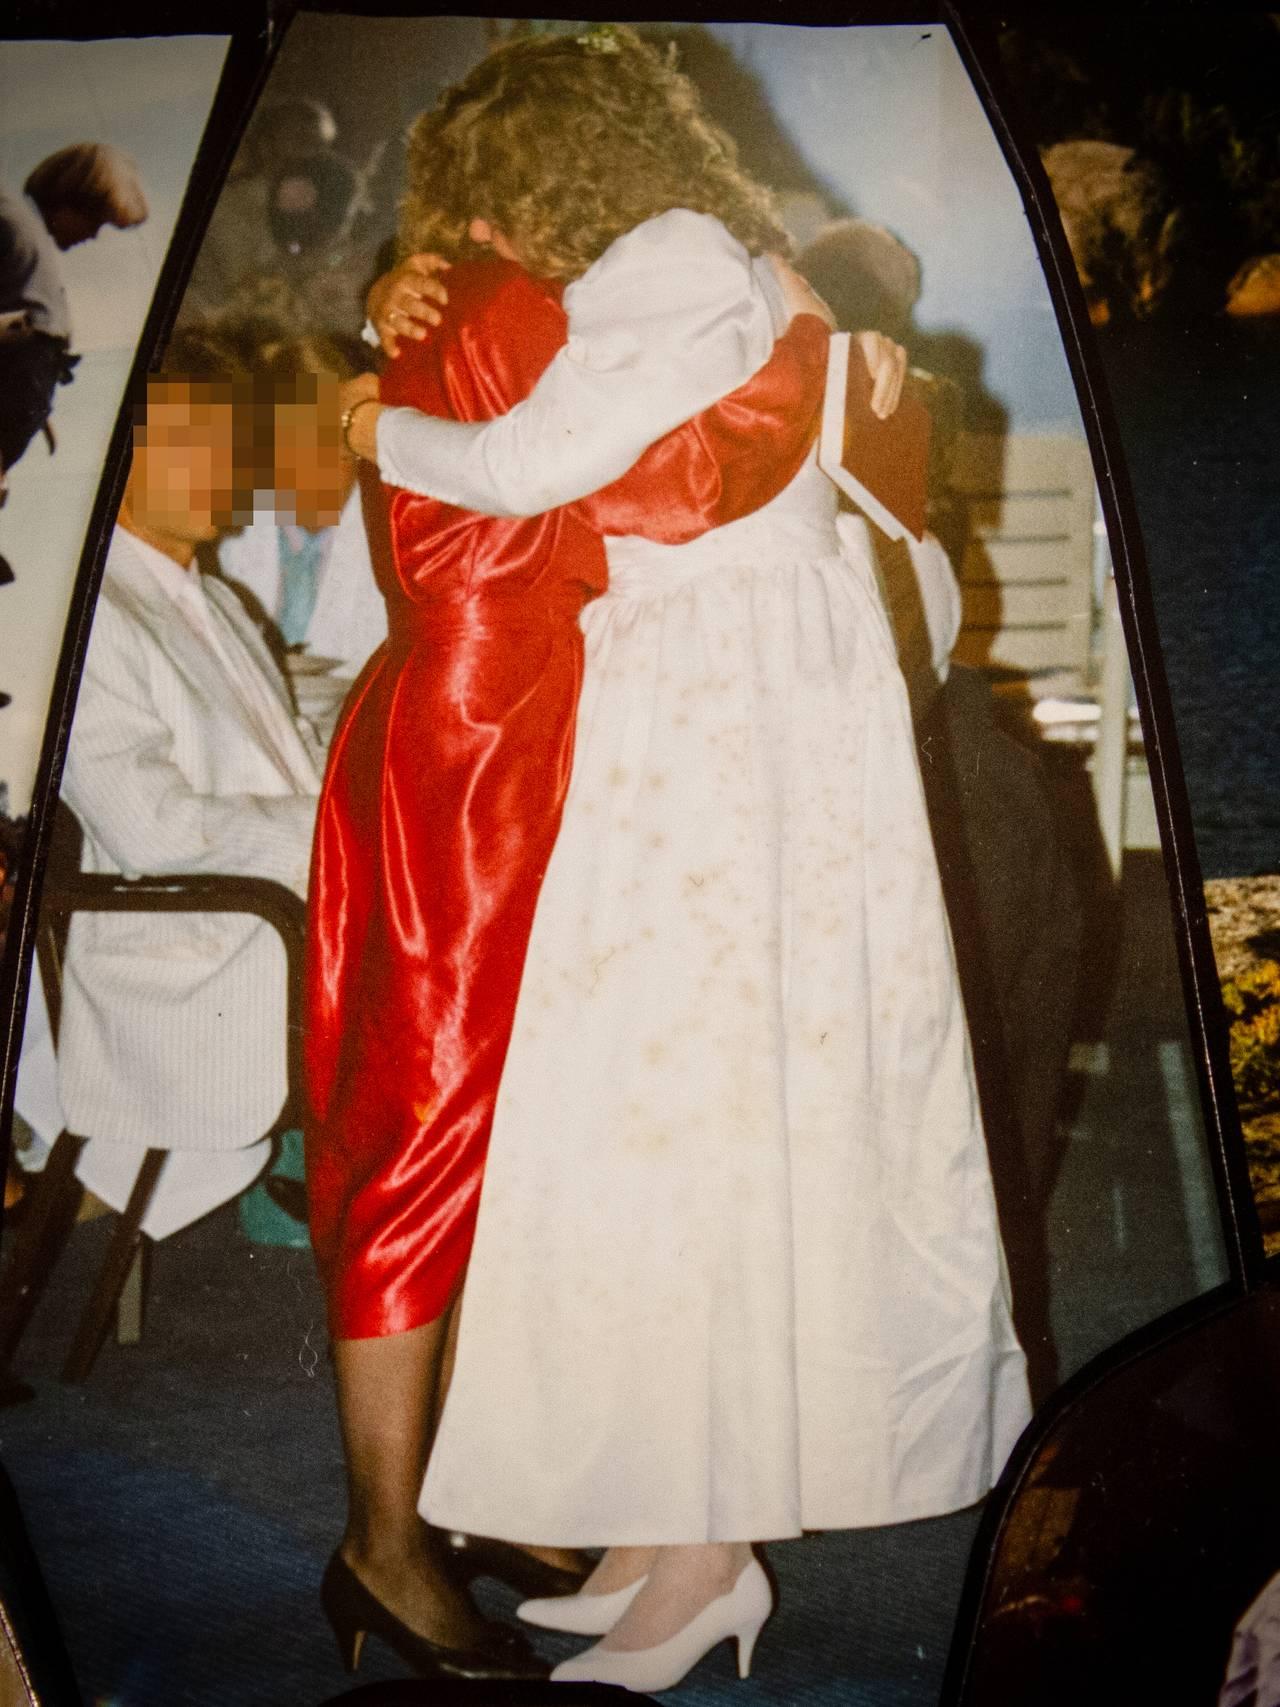 Brud klemmer gjest i bryllup.